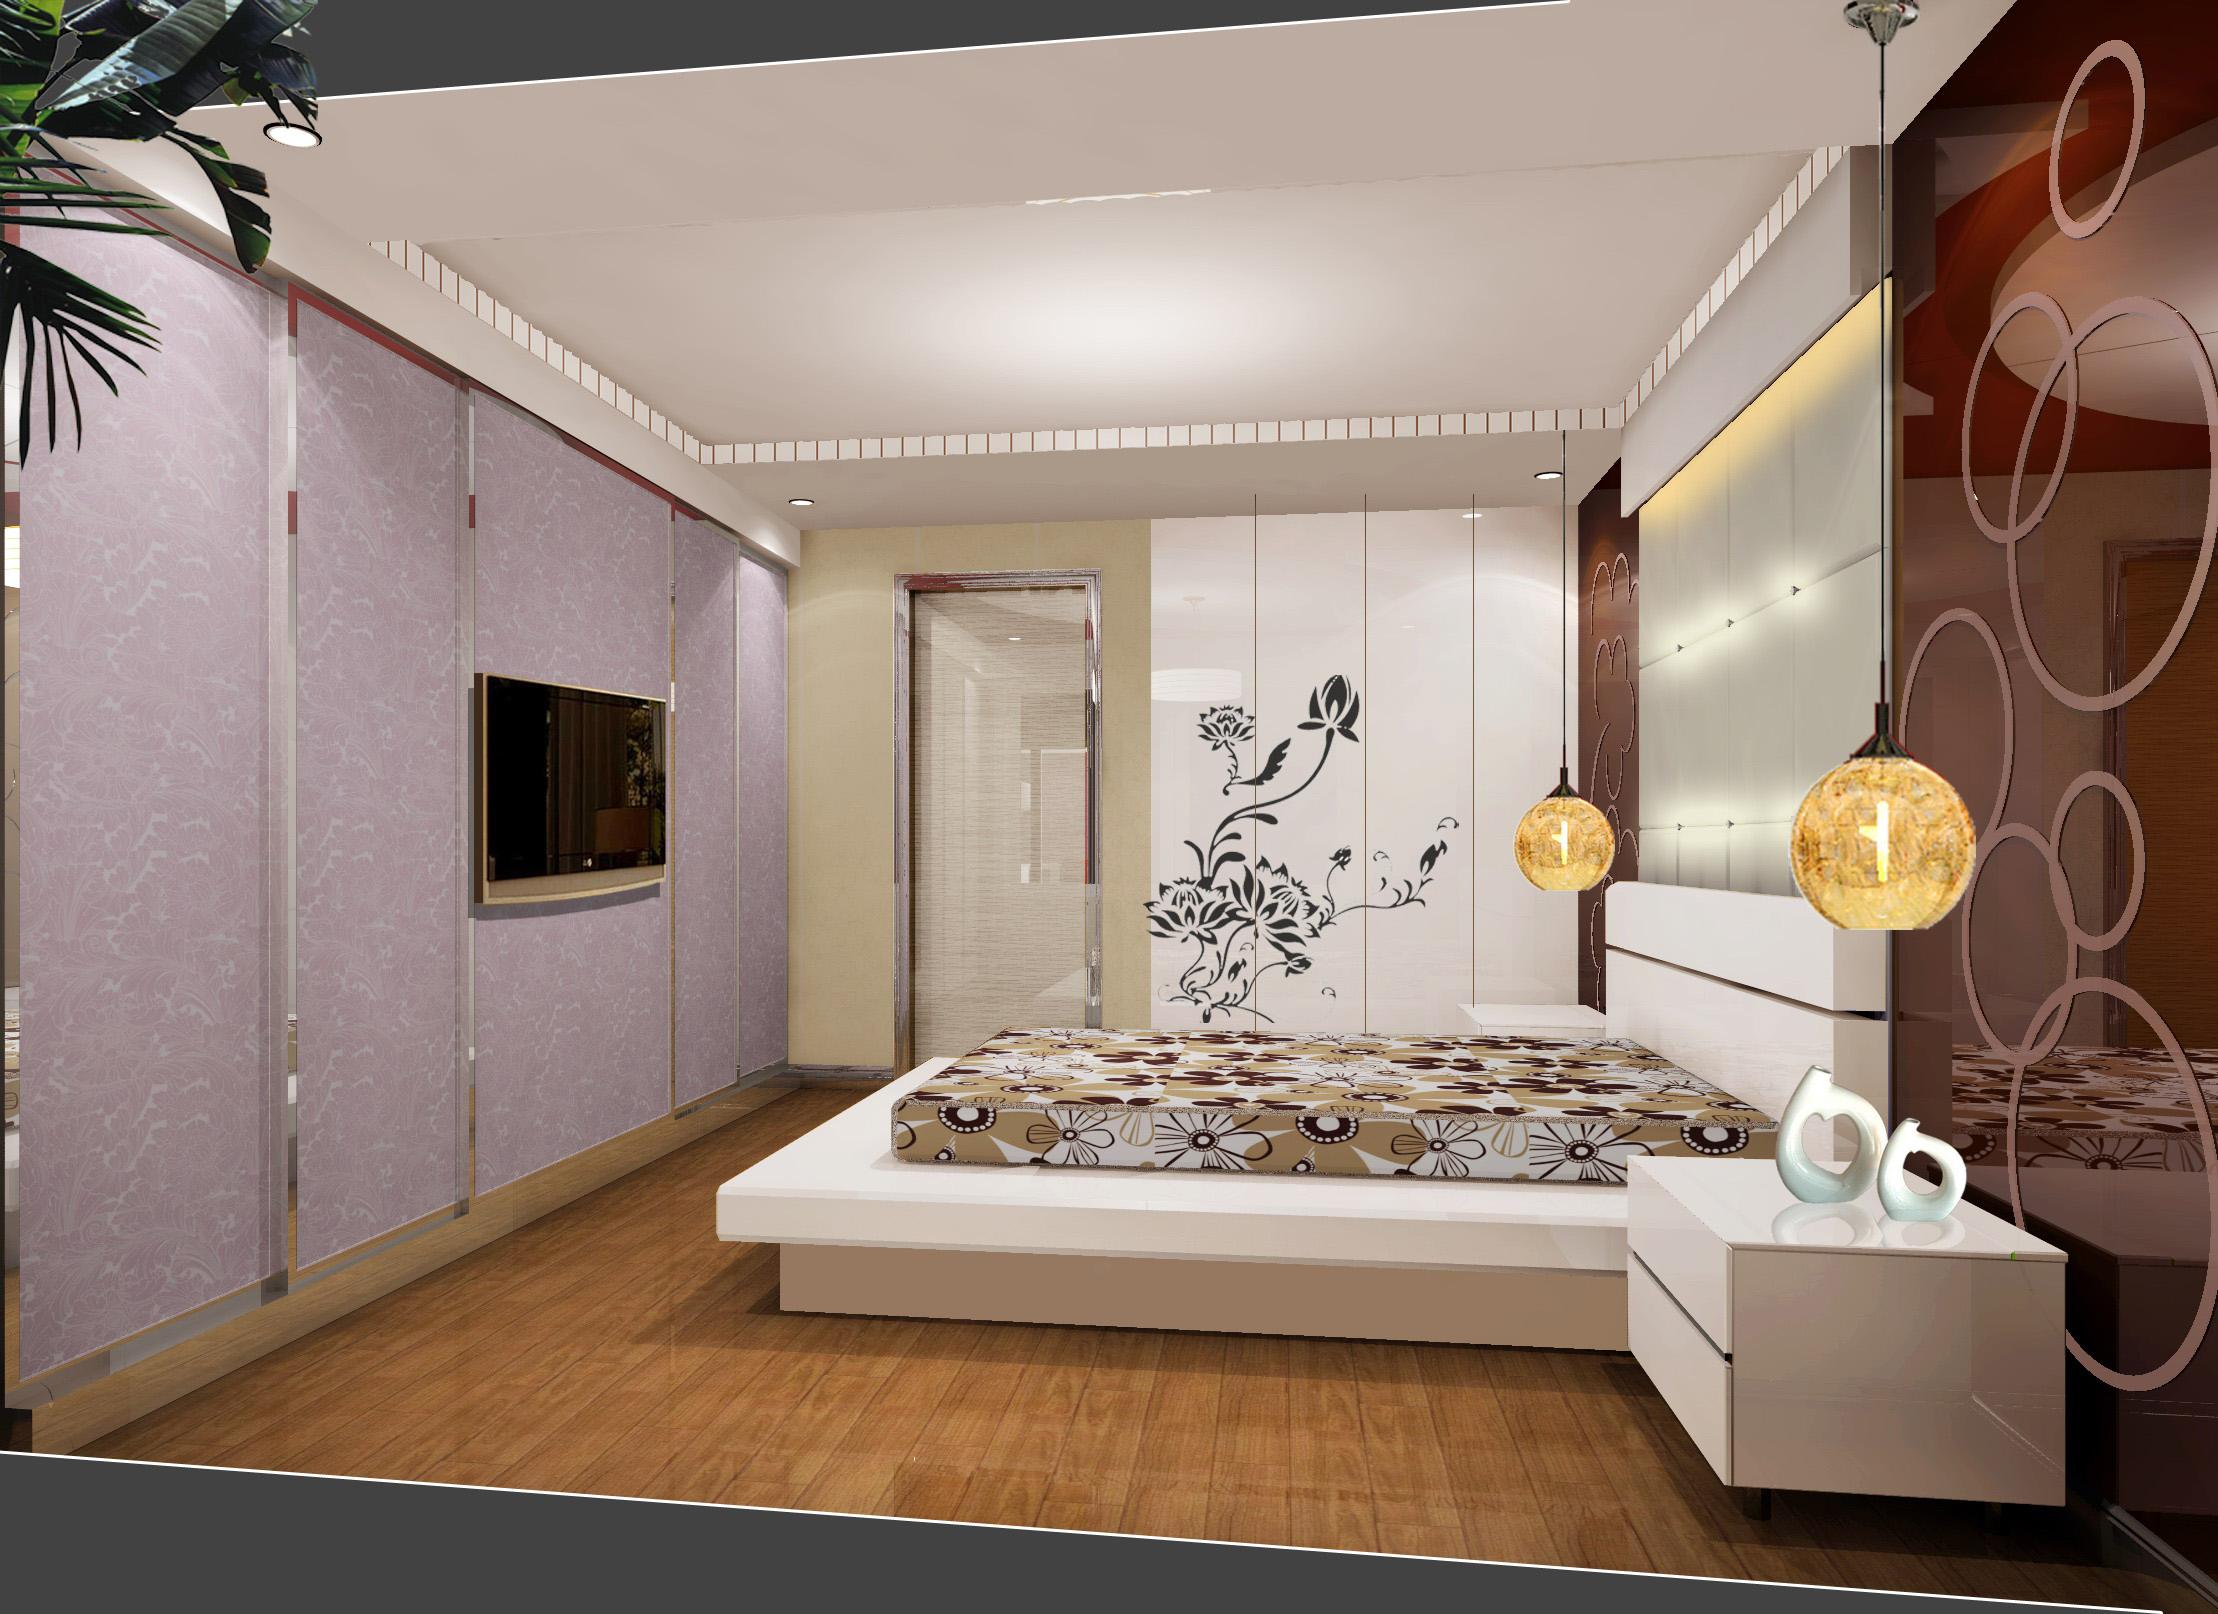 主卧房装修设计图